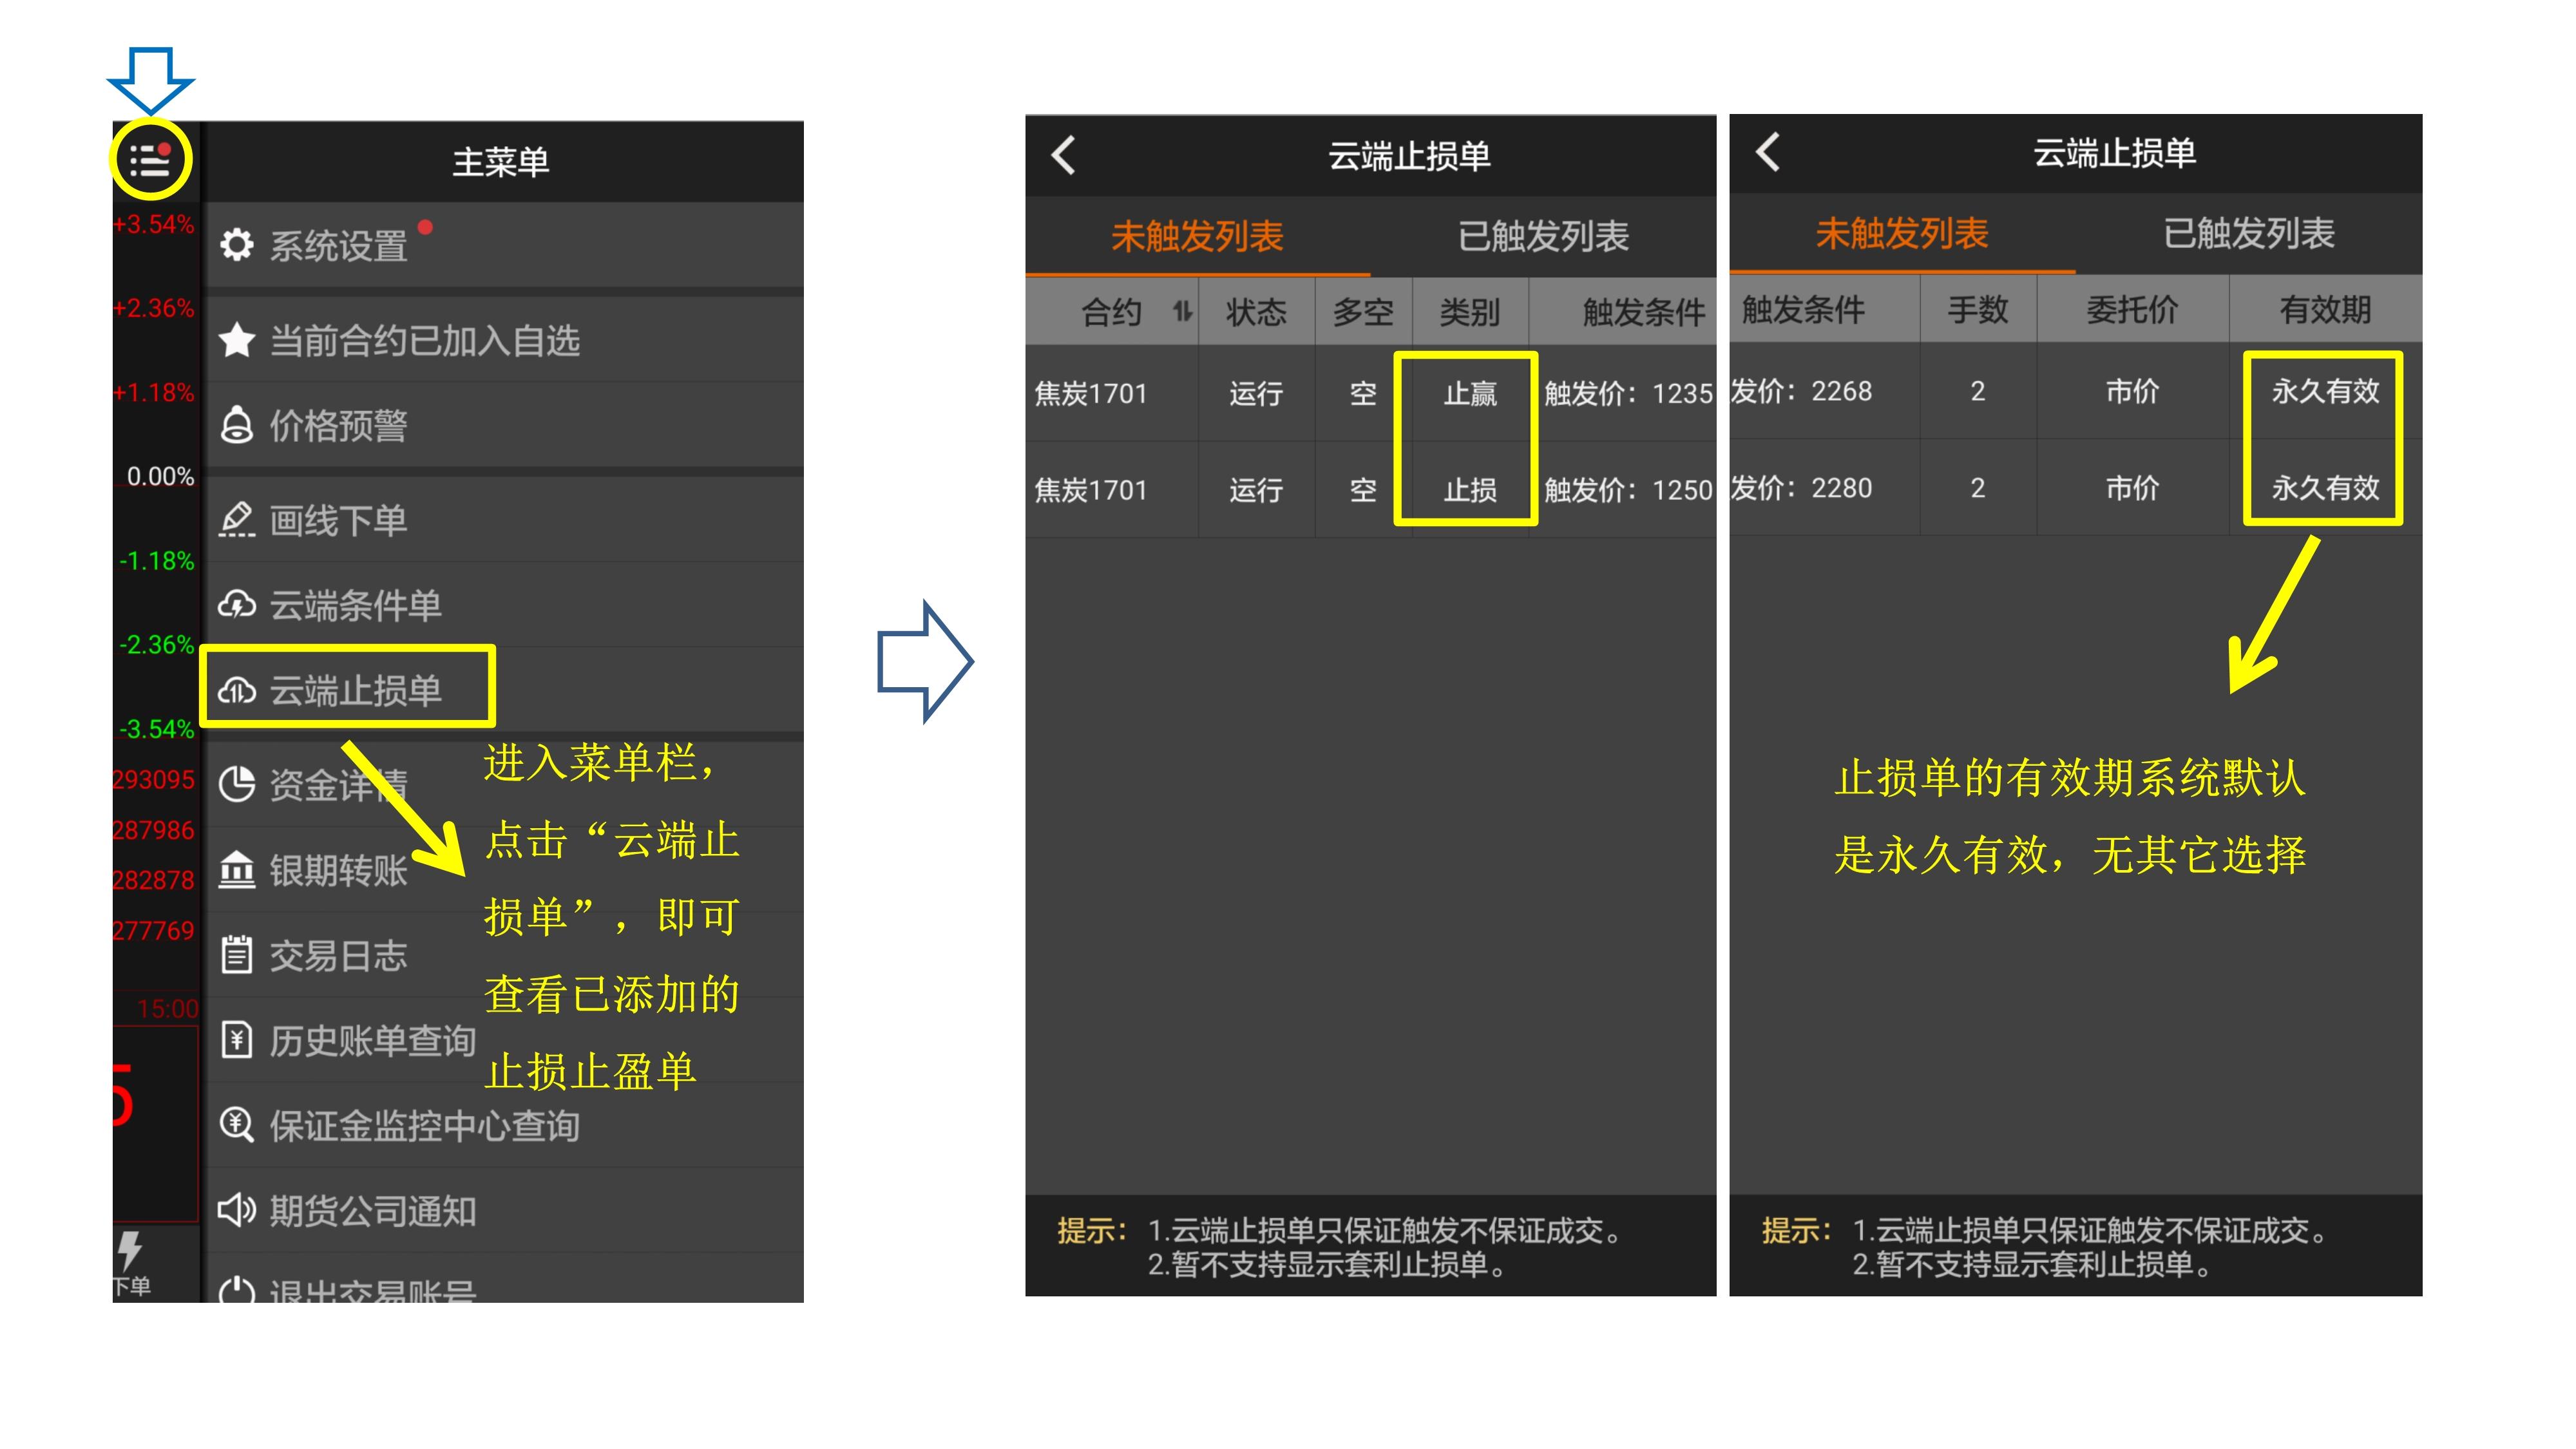 手机文华财经随身行止损止盈设置流程